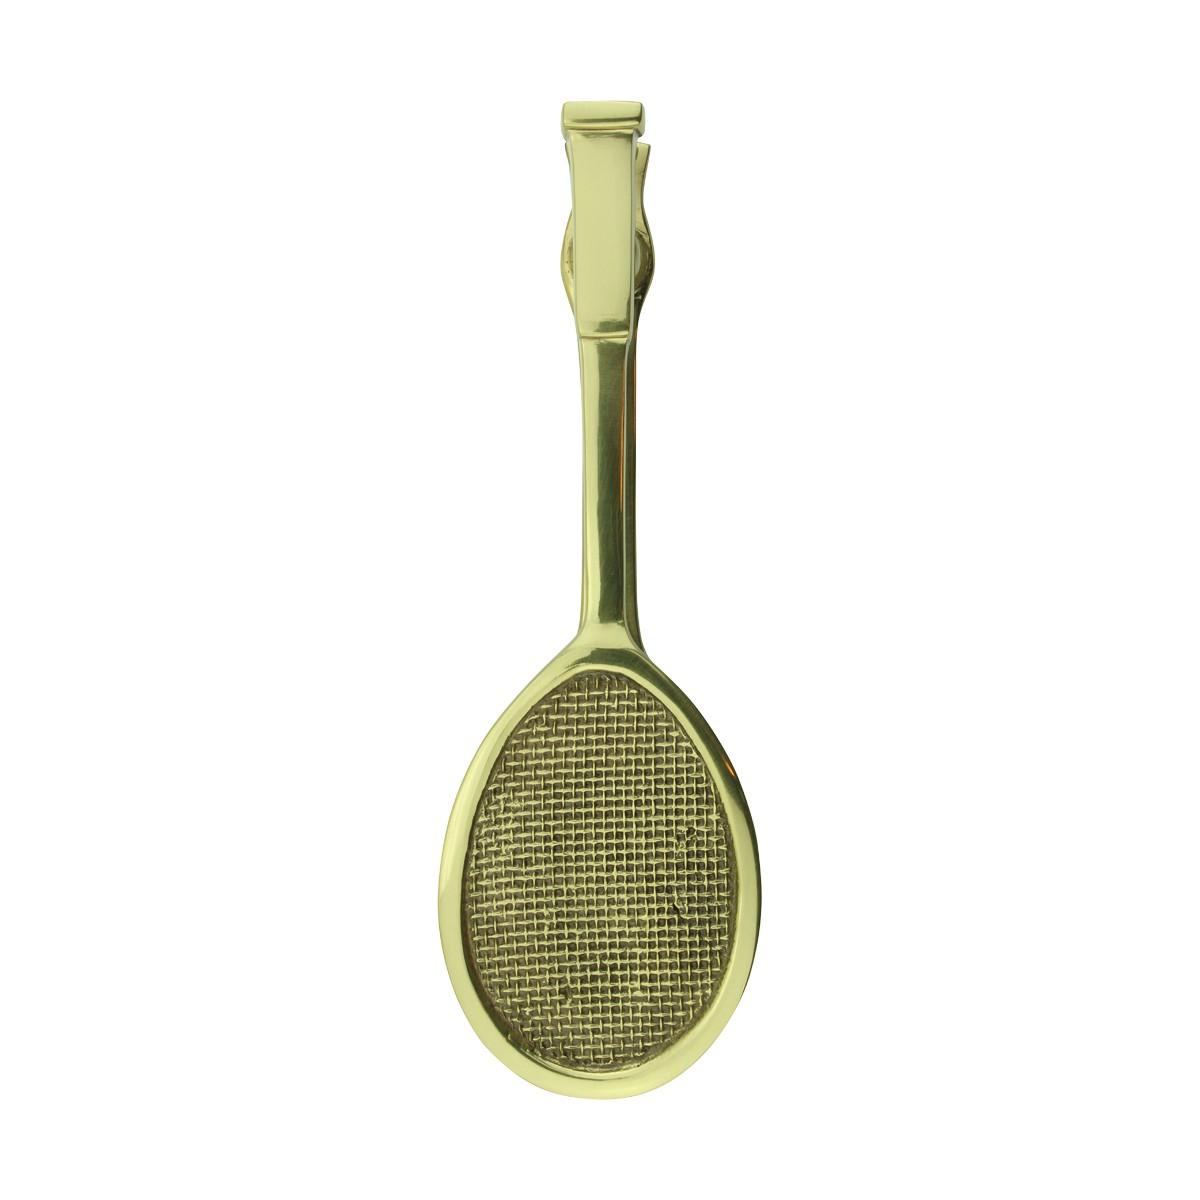 Solid Brass Door Knocker Tennis Racket Badminton 7.5H Brass Door Knockers Door Knockers For Front Door Tennis Door Knocker